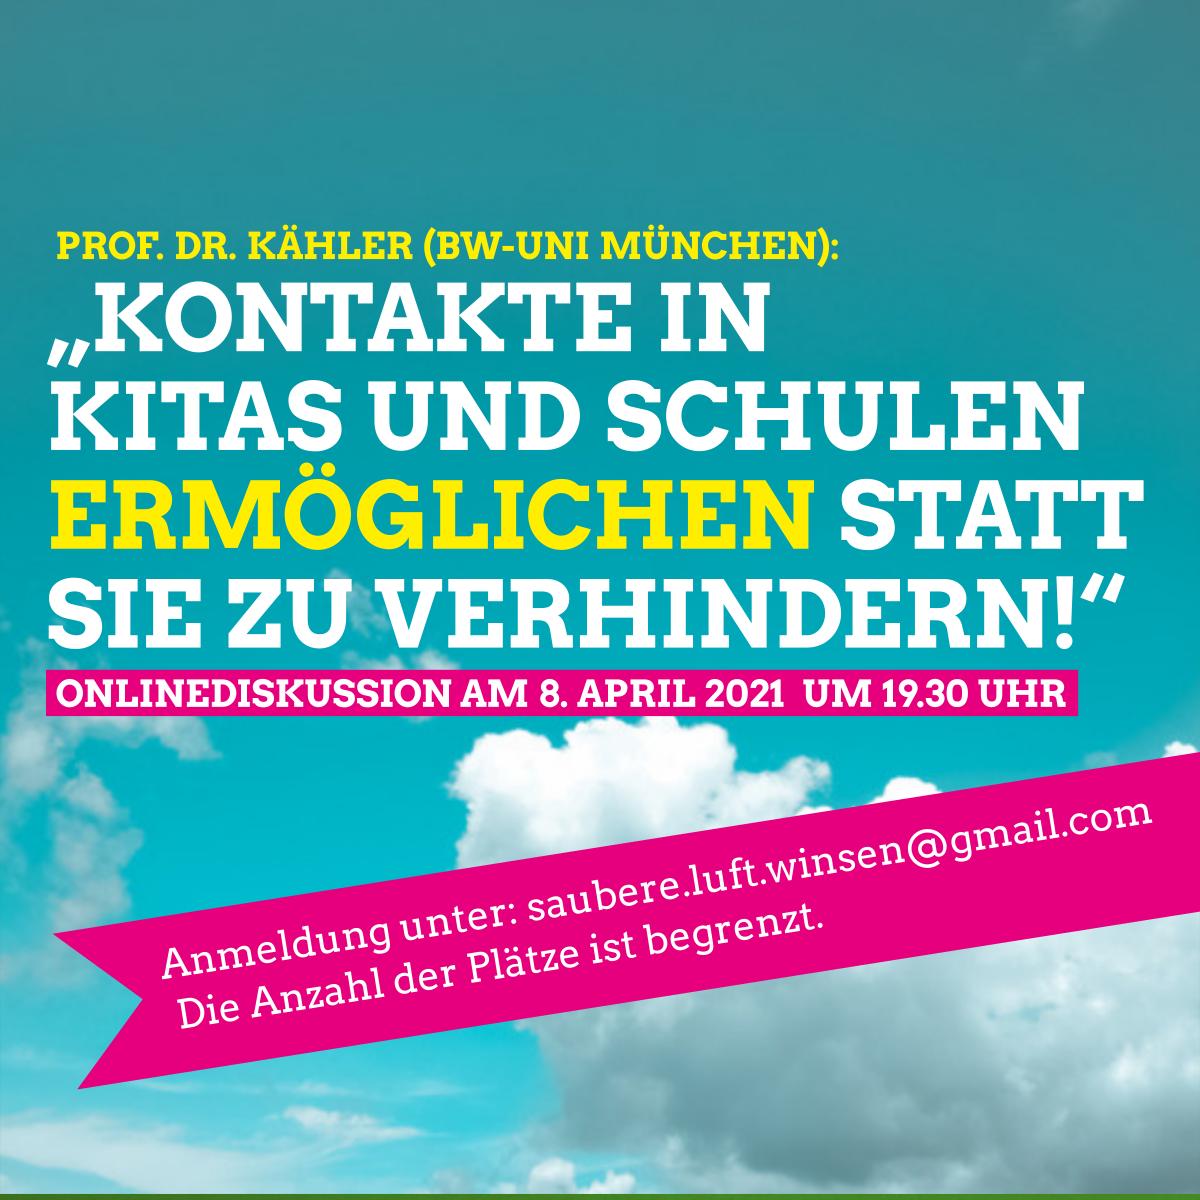 """Prof. Dr. Kähler: """"Kontakte in Kitas und Schulen ermöglichen statt sie zu verhindern!"""""""